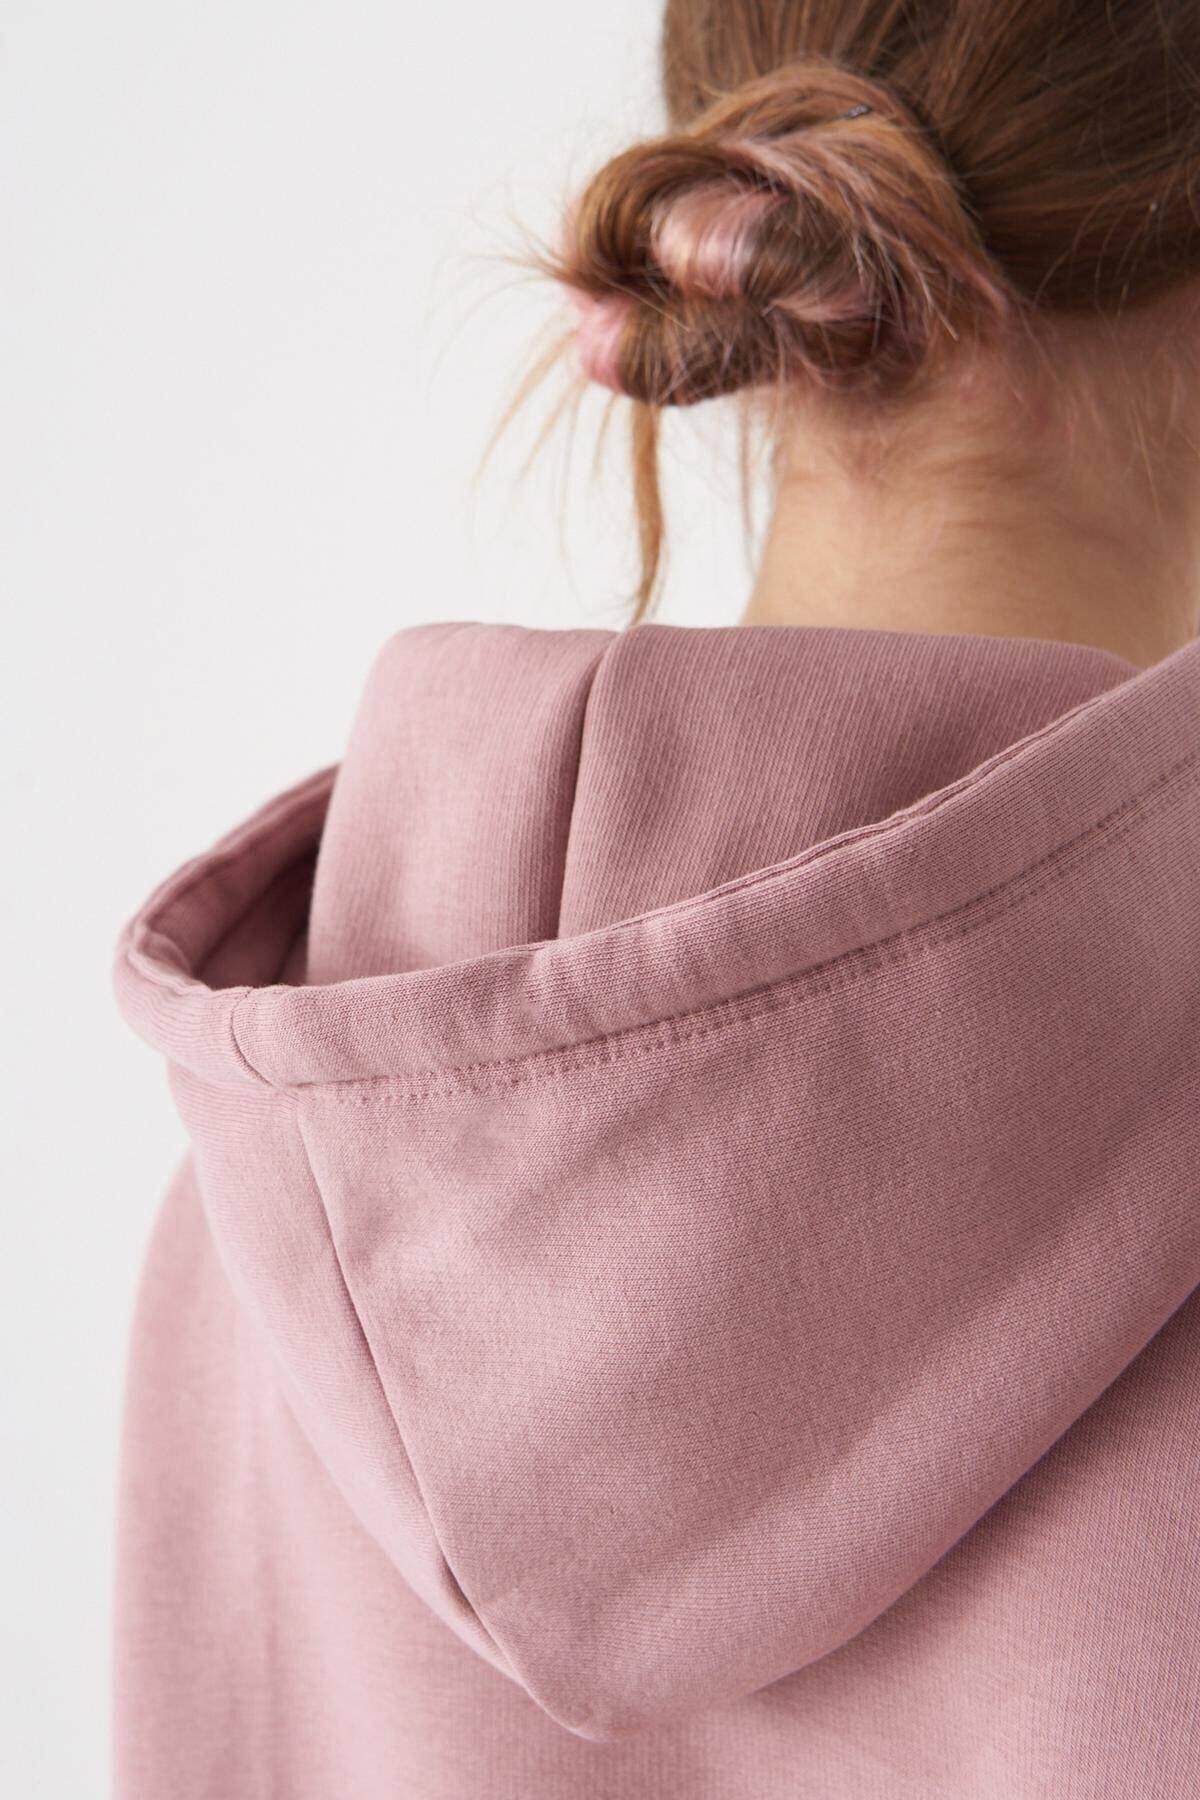 Addax Kadın Koyu Gül Kapüşonlu Sweatshirt S0519 - H7 ADX-0000014040 4